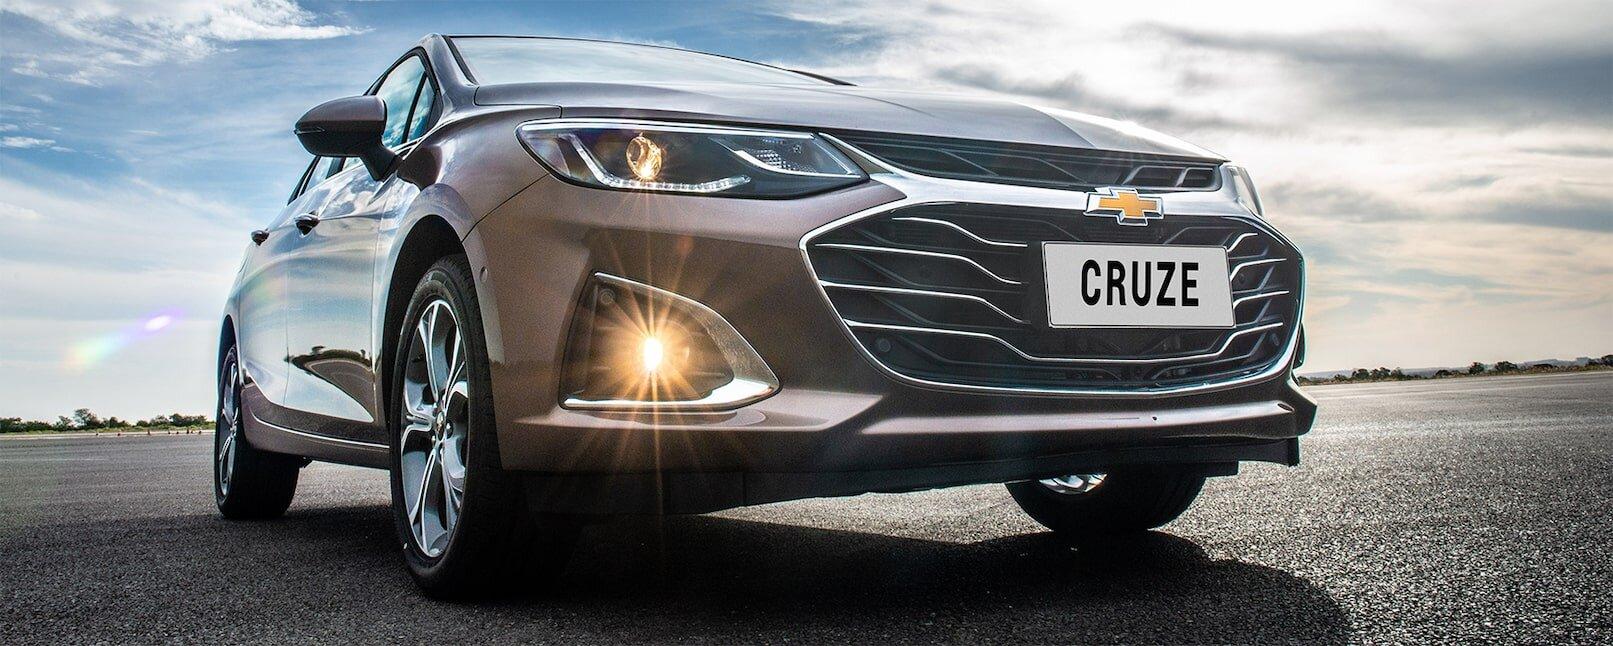 design-cruze-2020-carrossel-1